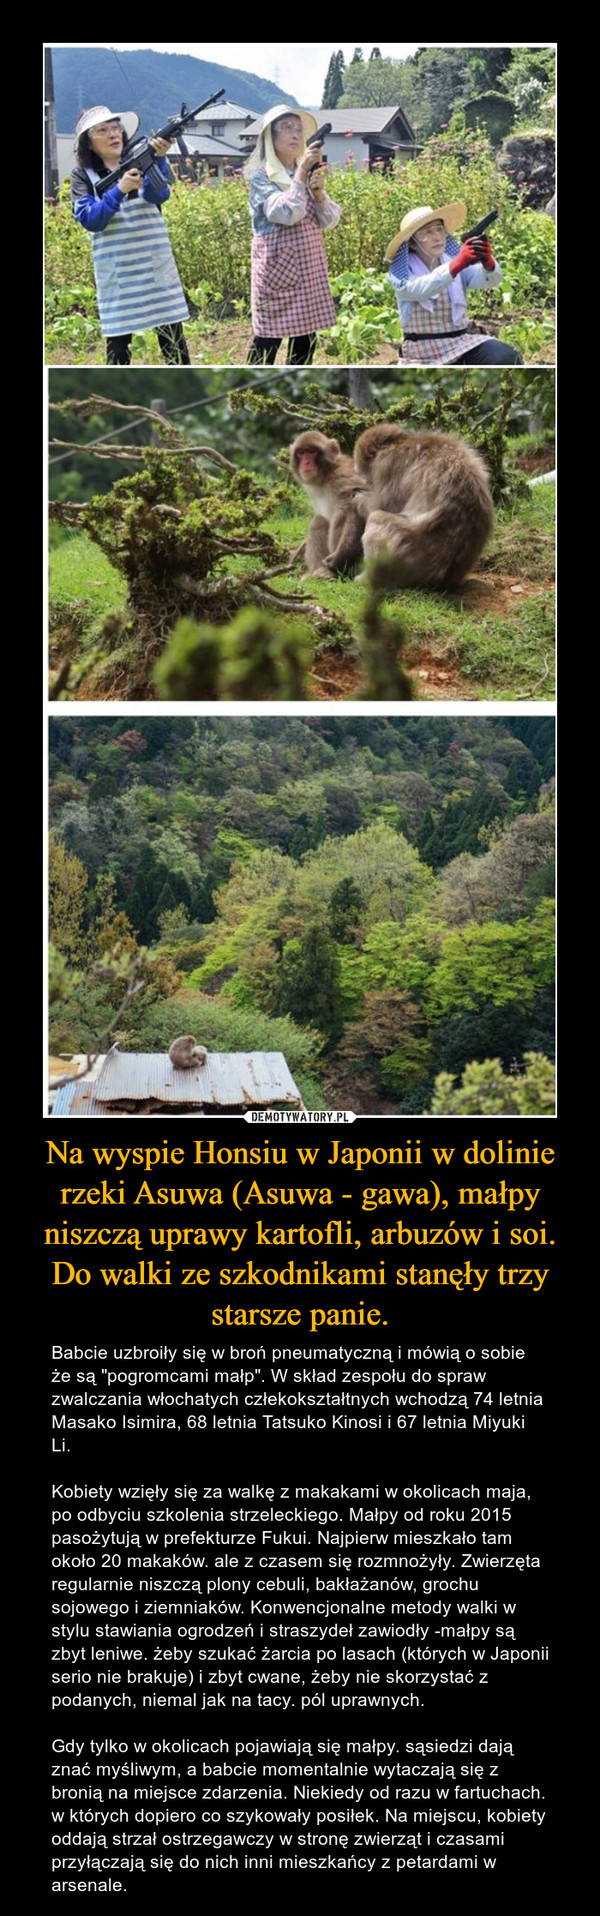 """Na wyspie Honsiu w Japonii w dolinie rzeki Asuwa (Asuwa - gawa), małpy niszczą uprawy kartofli, arbuzów i soi. Do walki ze szkodnikami stanęły trzy starsze panie. – Babcie uzbroiły się w broń pneumatyczną i mówią o sobie że są """"pogromcami małp"""". W skład zespołu do spraw zwalczania włochatych człekokształtnych wchodzą 74 letnia Masako Isimira, 68 letnia Tatsuko Kinosi i 67 letnia Miyuki Li. Kobiety wzięły się za walkę z makakami w okolicach maja, po odbyciu szkolenia strzeleckiego. Małpy od roku 2015 pasożytują w prefekturze Fukui. Najpierw mieszkało tam około 20 makaków. ale z czasem się rozmnożyły. Zwierzęta regularnie niszczą plony cebuli, bakłażanów, grochu sojowego i ziemniaków. Konwencjonalne metody walki w stylu stawiania ogrodzeń i straszydeł zawiodły -małpy są zbyt leniwe. żeby szukać żarcia po lasach (których w Japonii serio nie brakuje) i zbyt cwane, żeby nie skorzystać z podanych, niemal jak na tacy. pól uprawnych. Gdy tylko w okolicach pojawiają się małpy. sąsiedzi dają znać myśliwym, a babcie momentalnie wytaczają się z bronią na miejsce zdarzenia. Niekiedy od razu w fartuchach. w których dopiero co szykowały posiłek. Na miejscu, kobiety oddają strzał ostrzegawczy w stronę zwierząt i czasami przyłączają się do nich inni mieszkańcy z petardami w arsenale."""